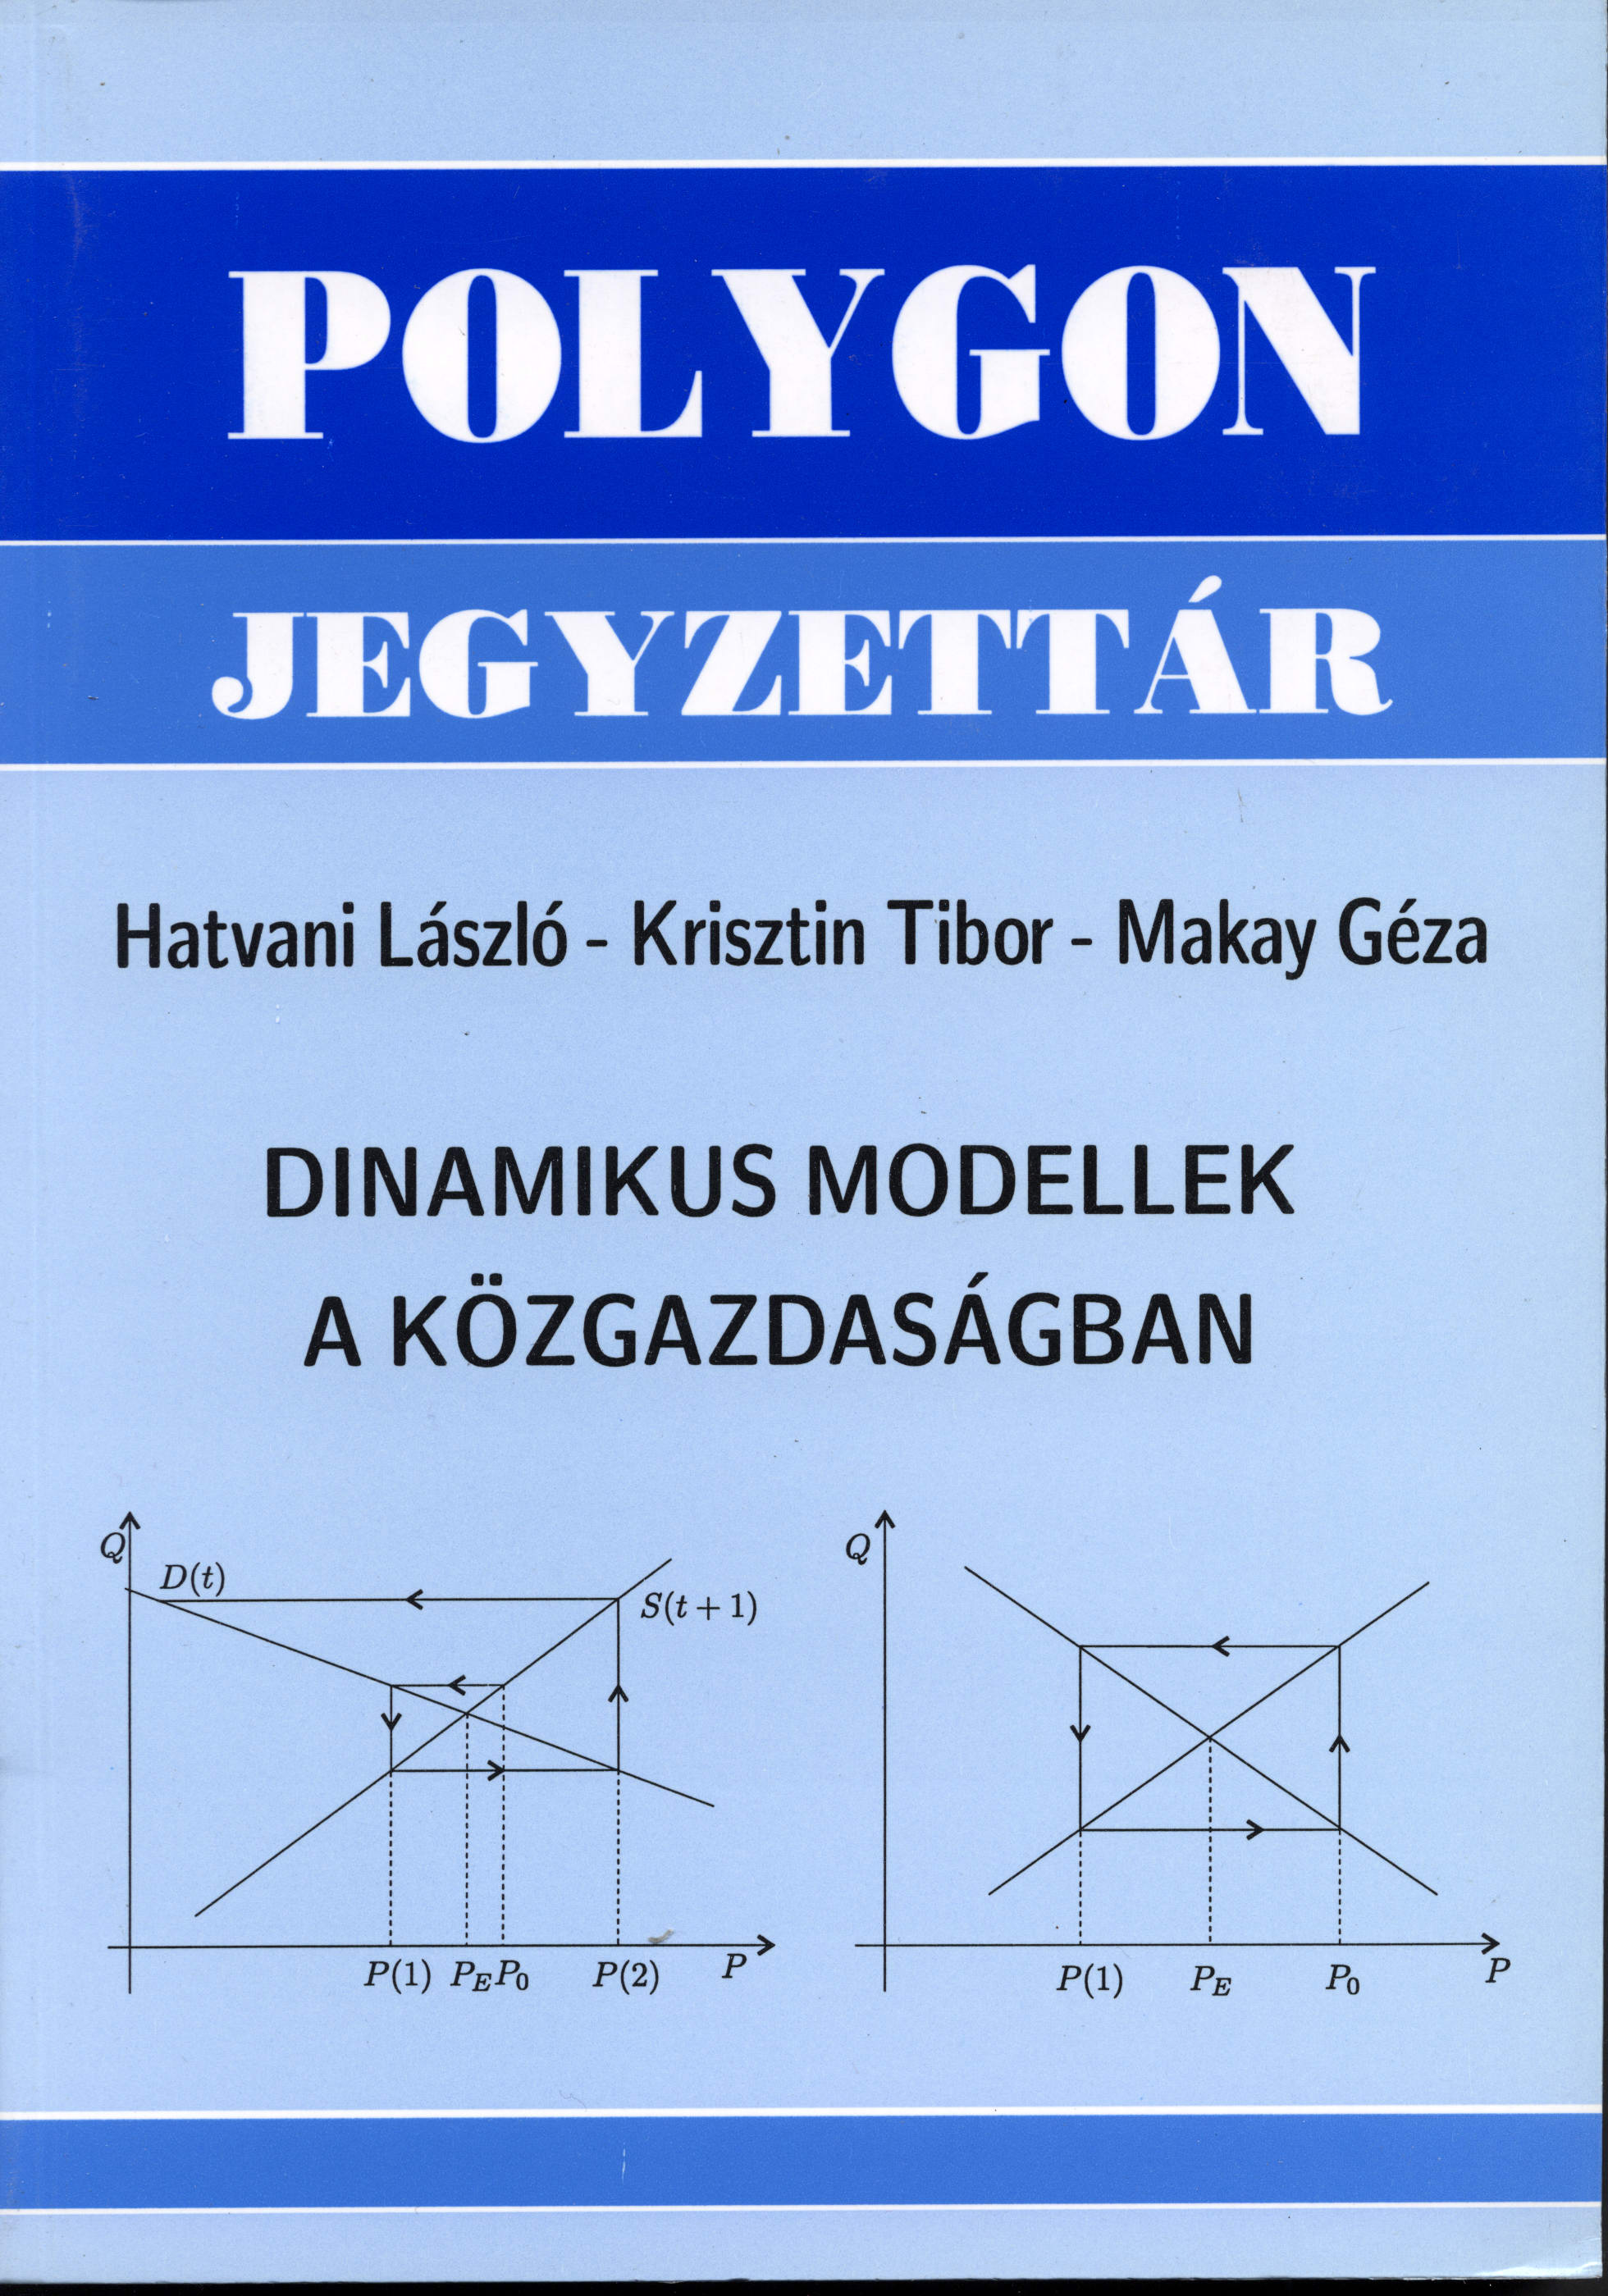 Dinamikus modellek a közgazdaságban - Polygon jegyzet